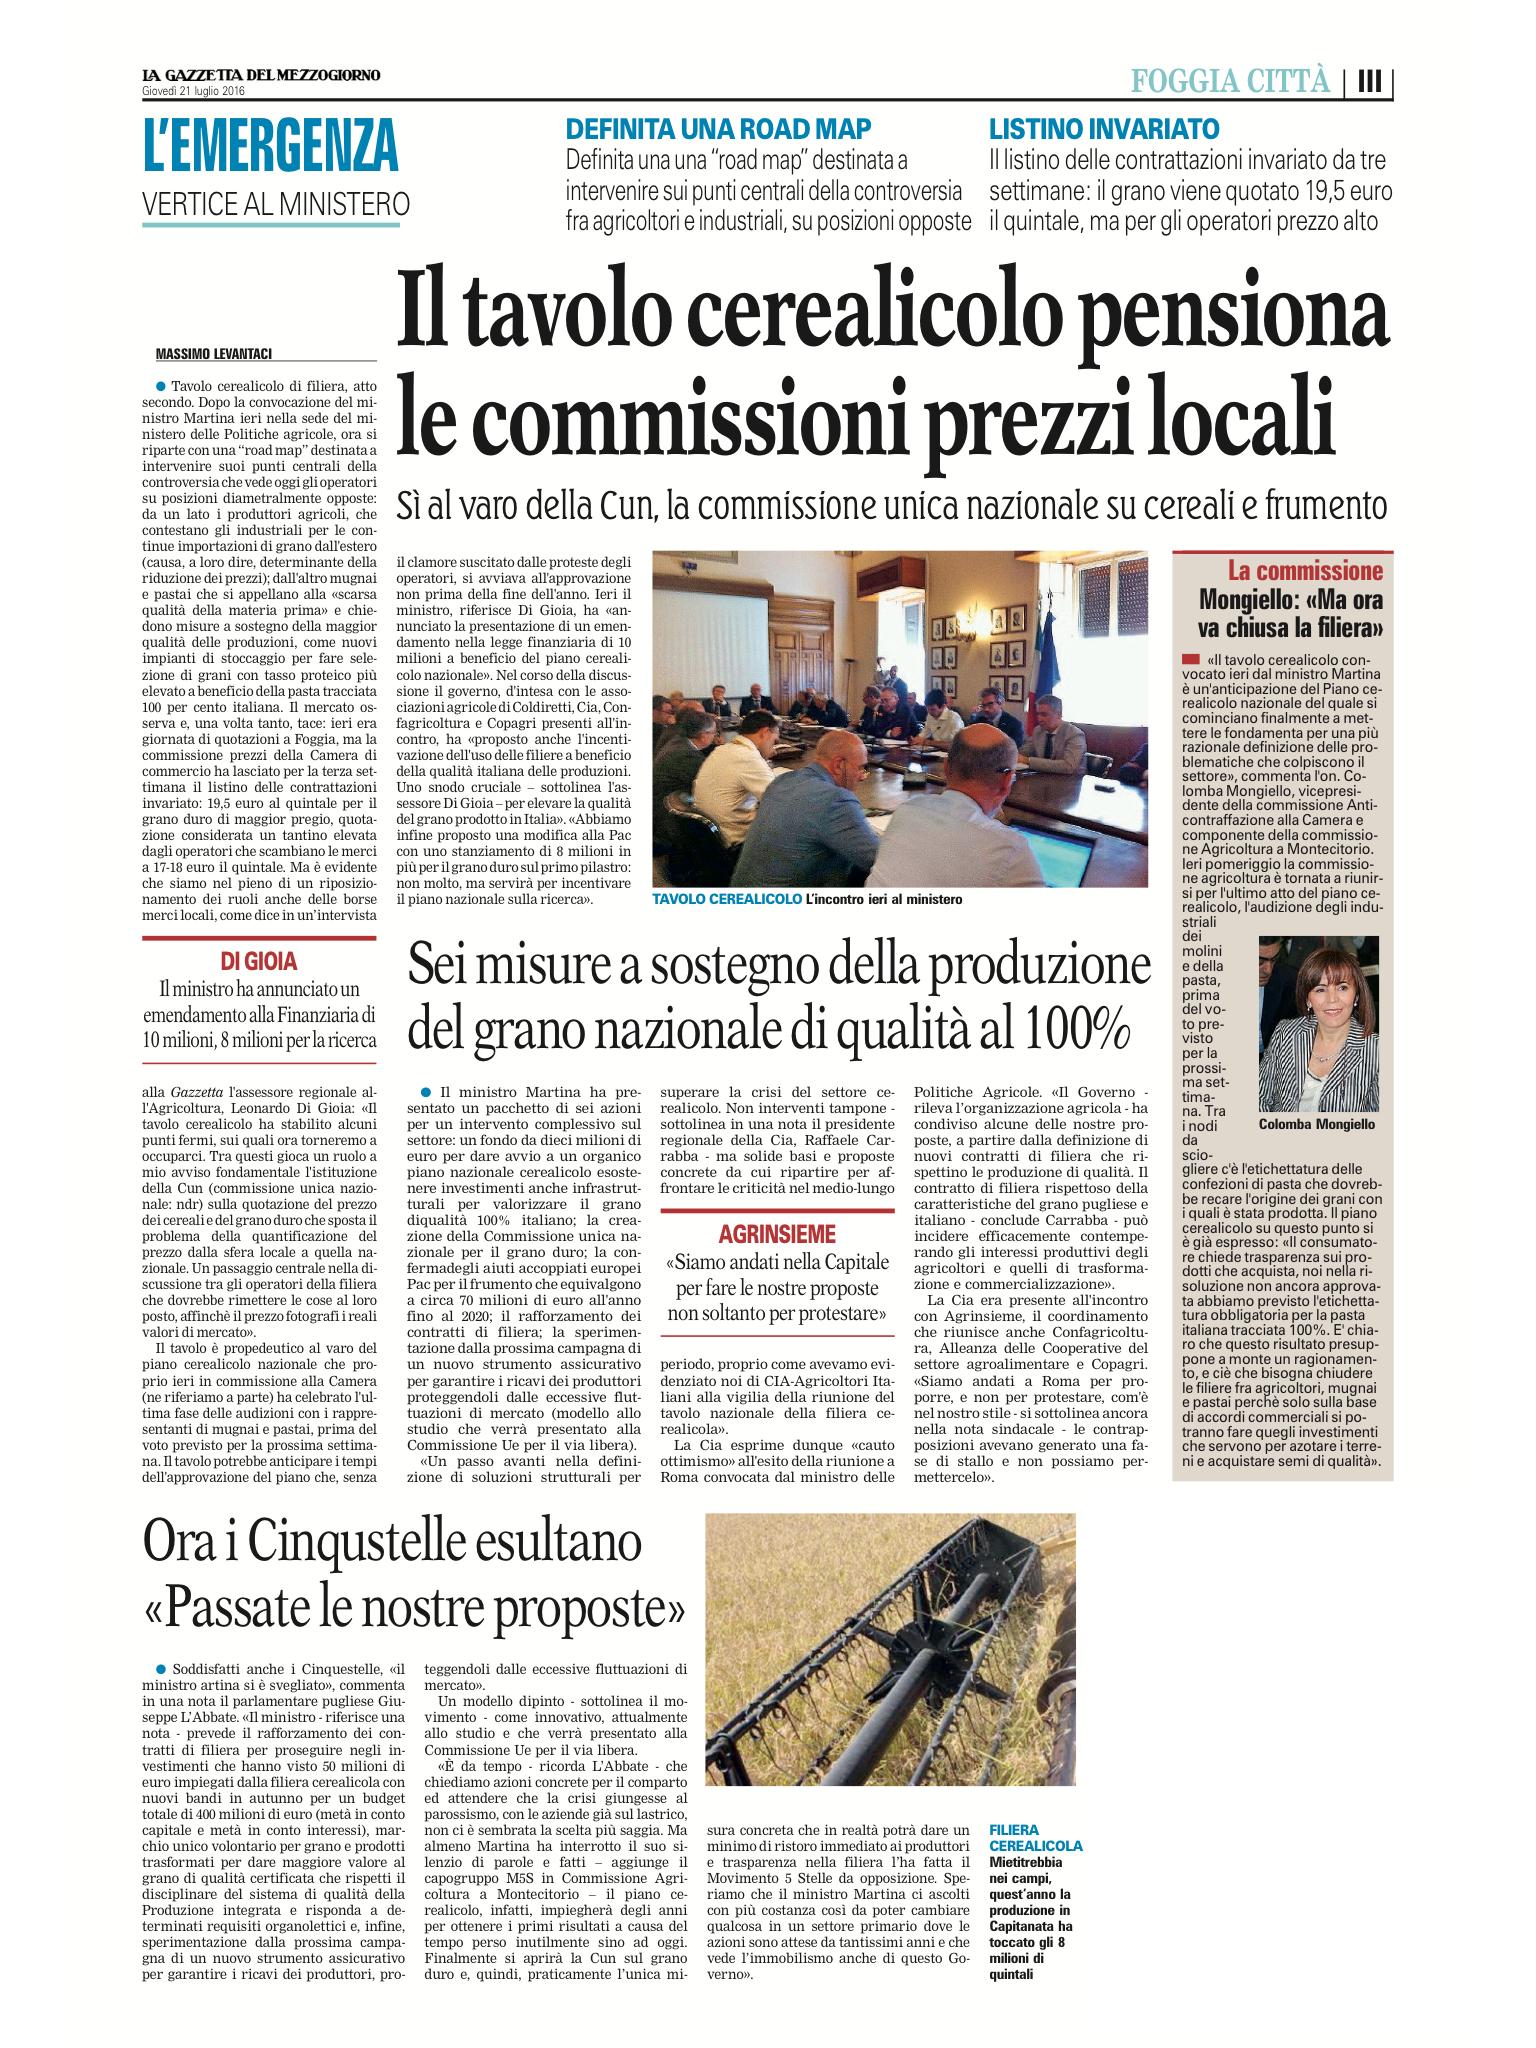 La Gazzetta del Mezzogiorno - 21.07.2016